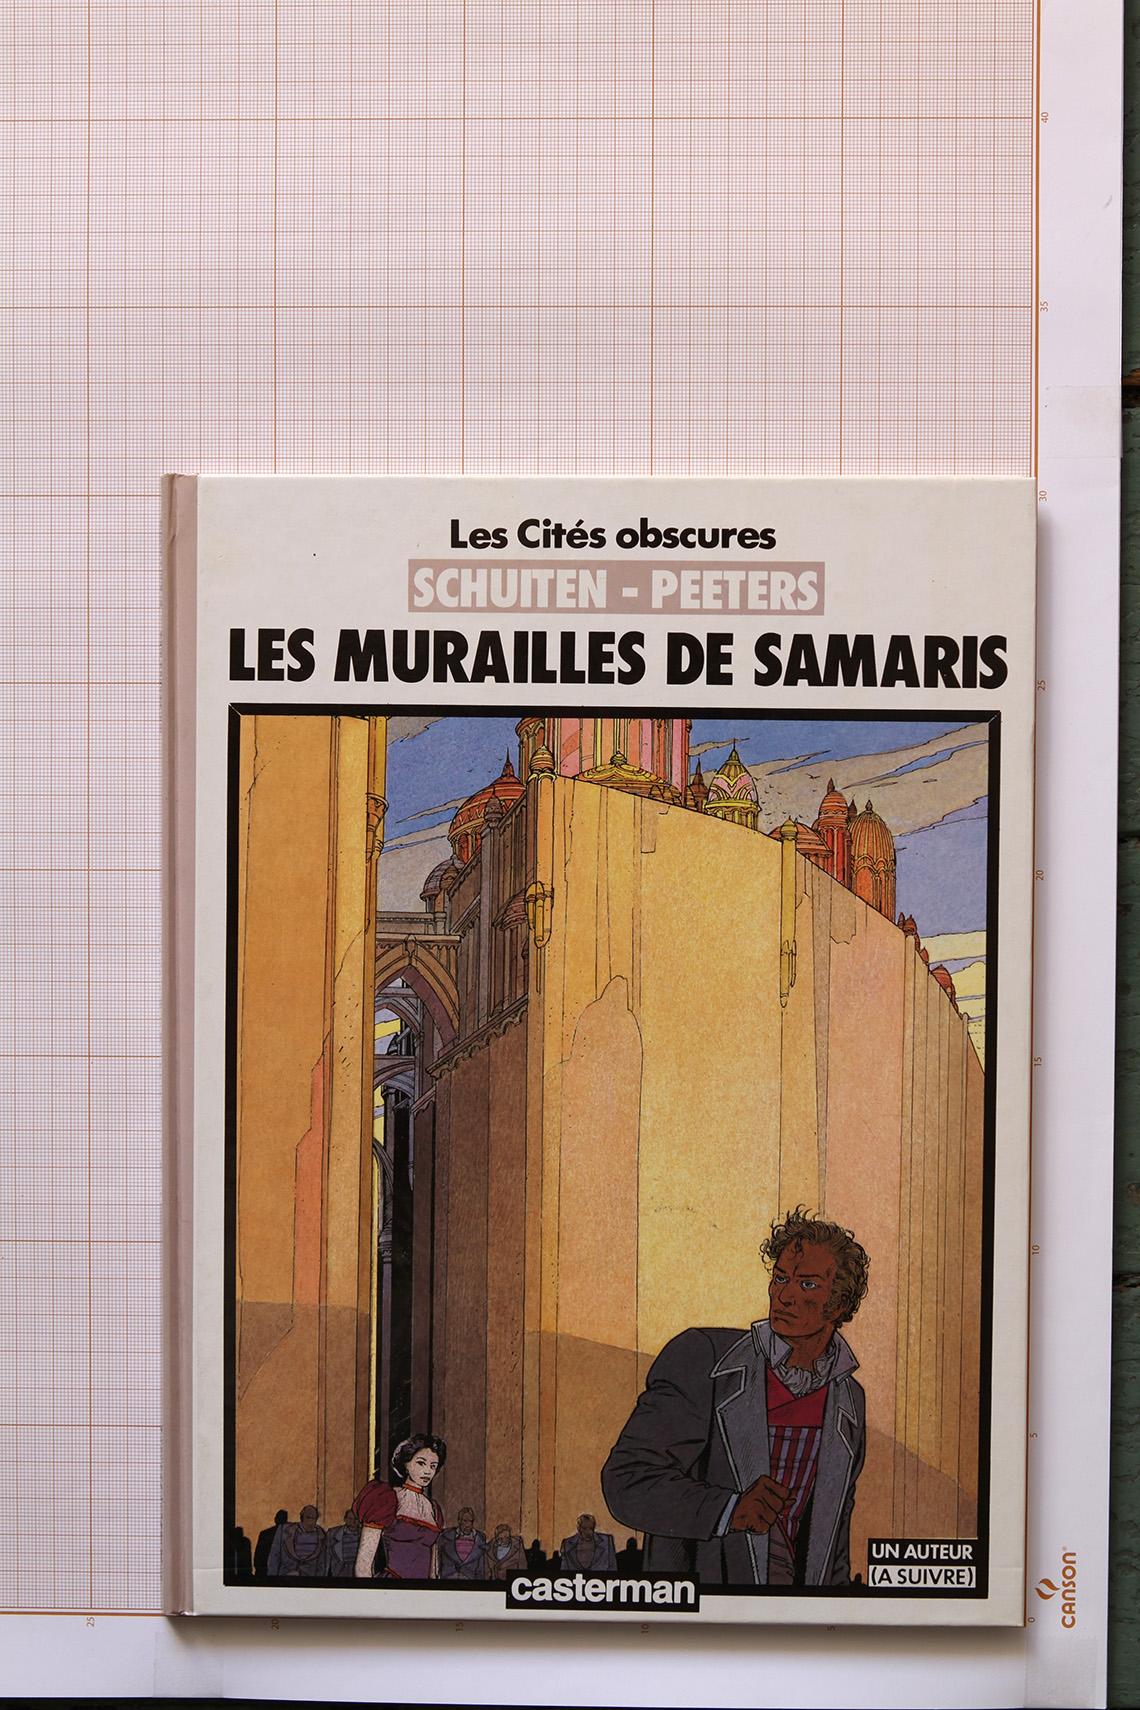 Les Murailles de Samaris, F.Schuiten & B.Peeters - Casterman© Maison Autrique, 1985